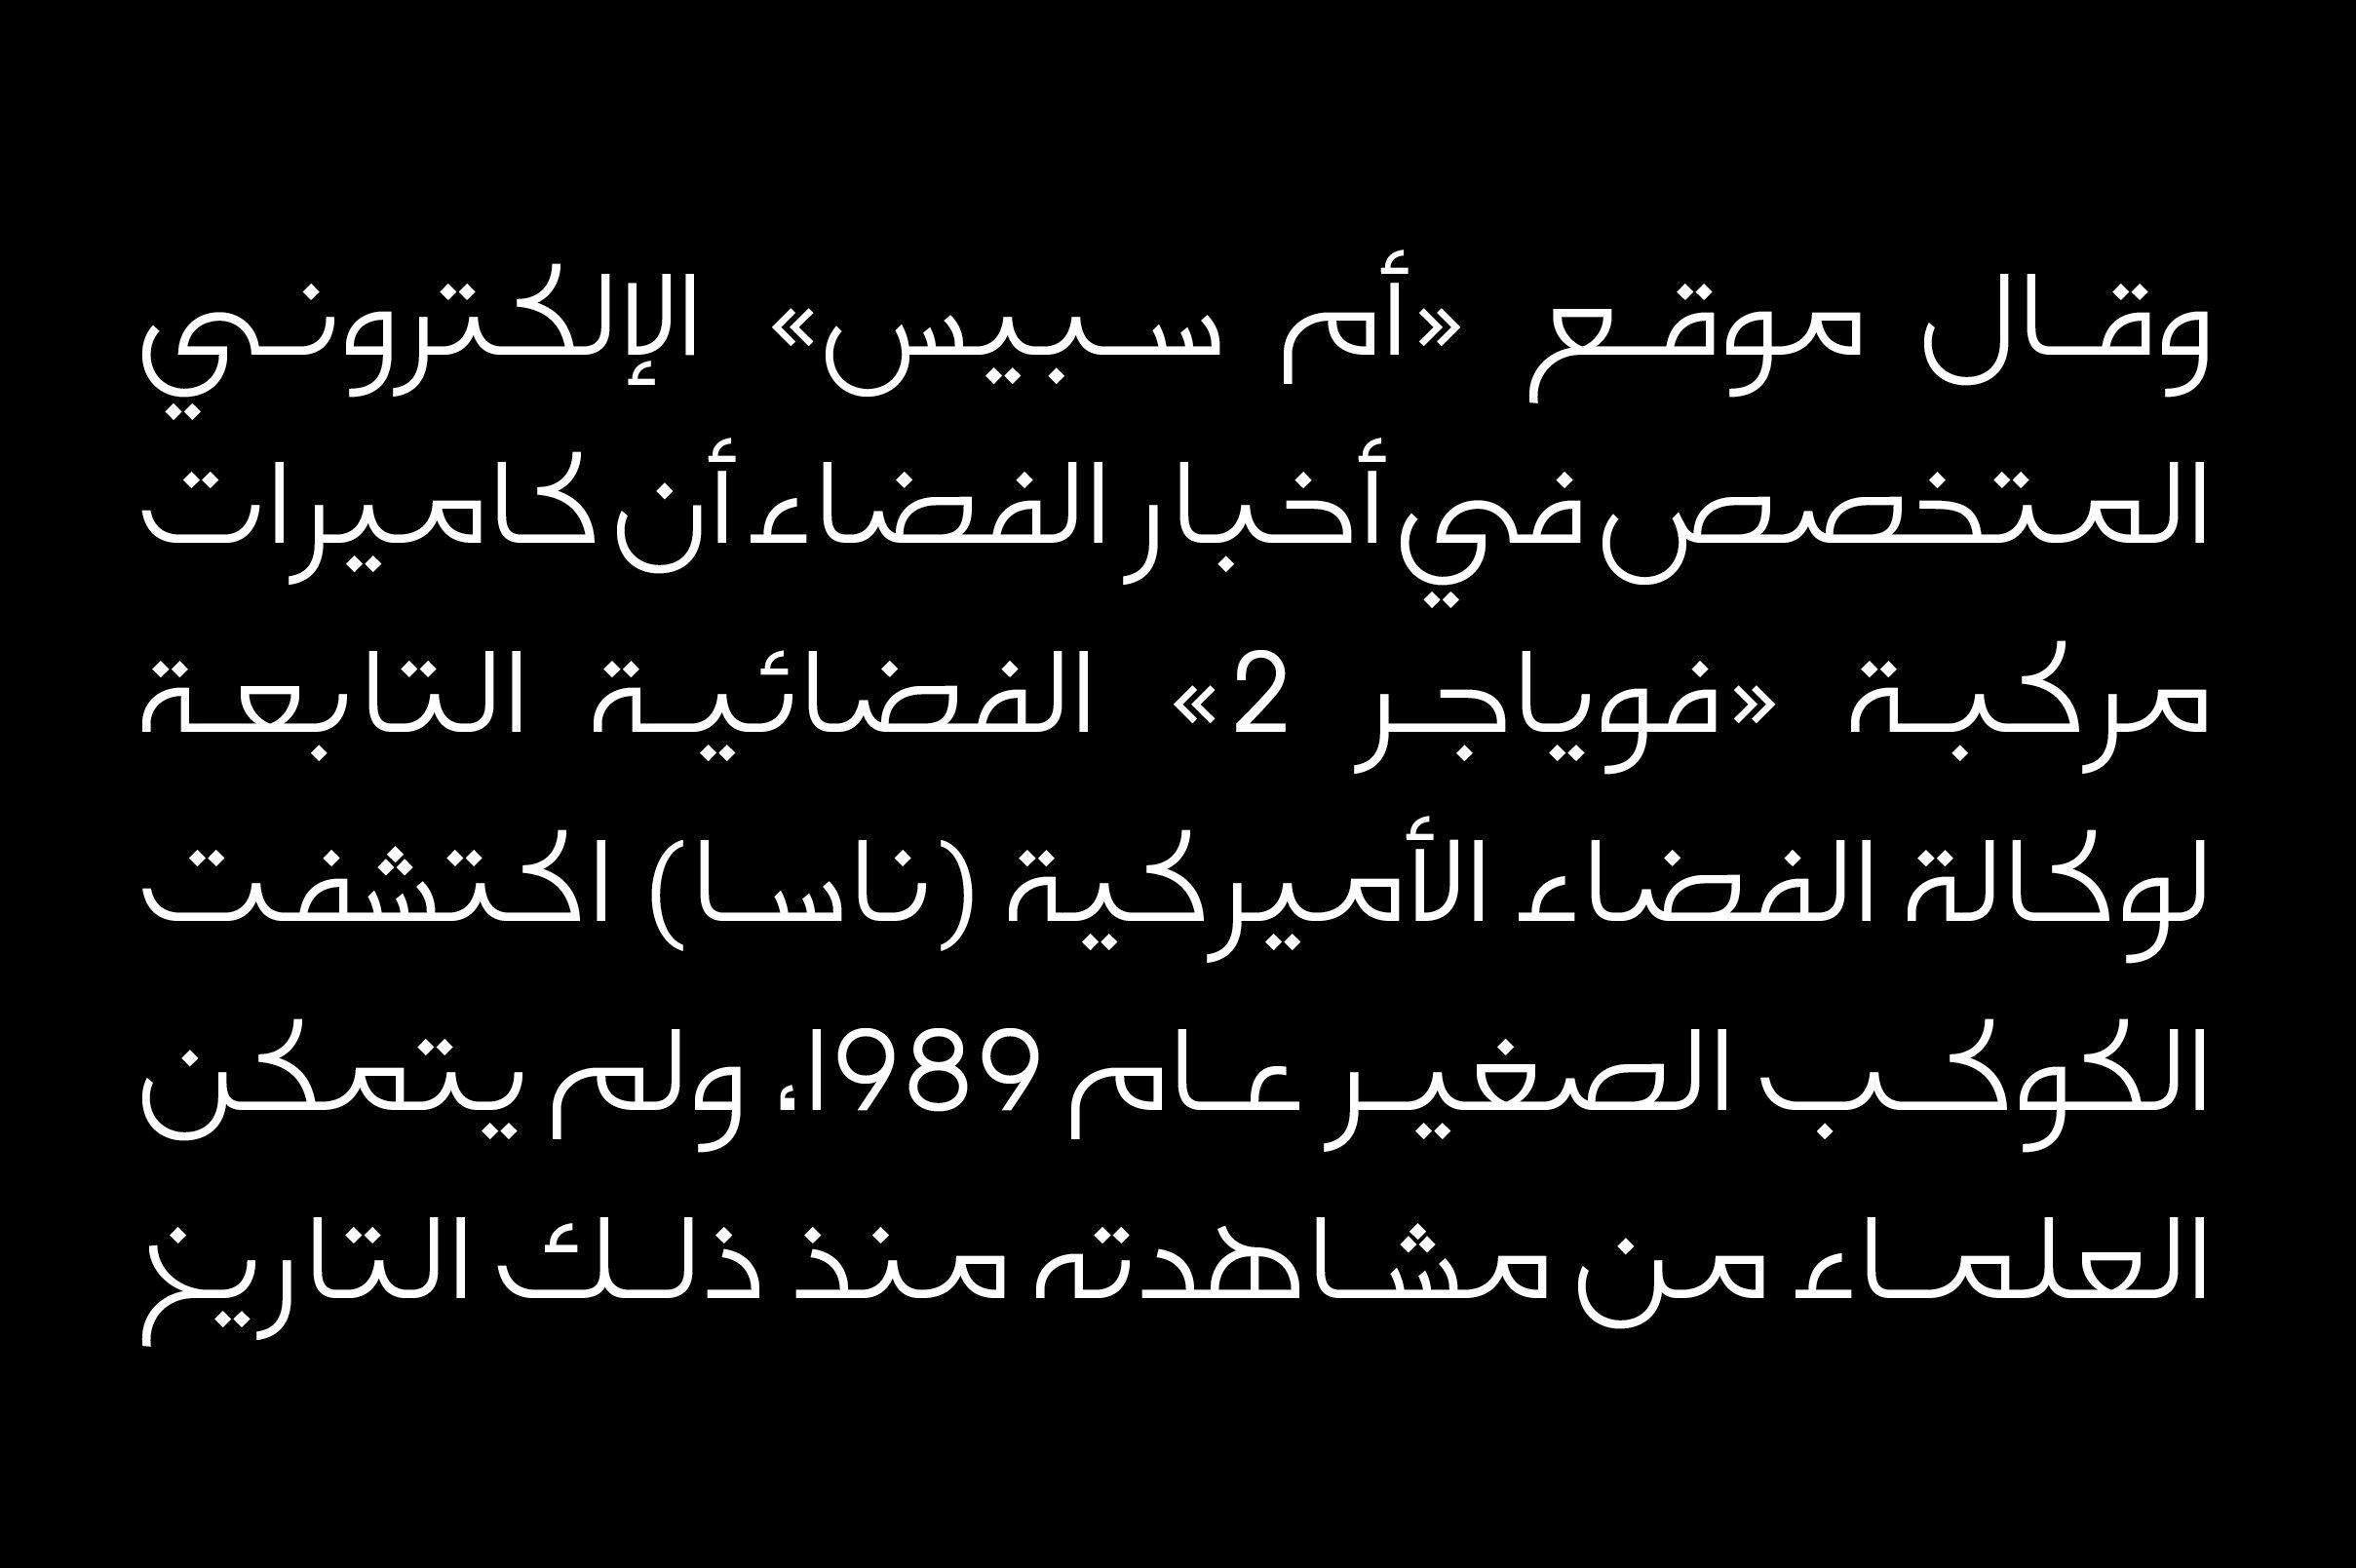 Falak Arabic Font By Mostafa El Abasiry On Creativemarket